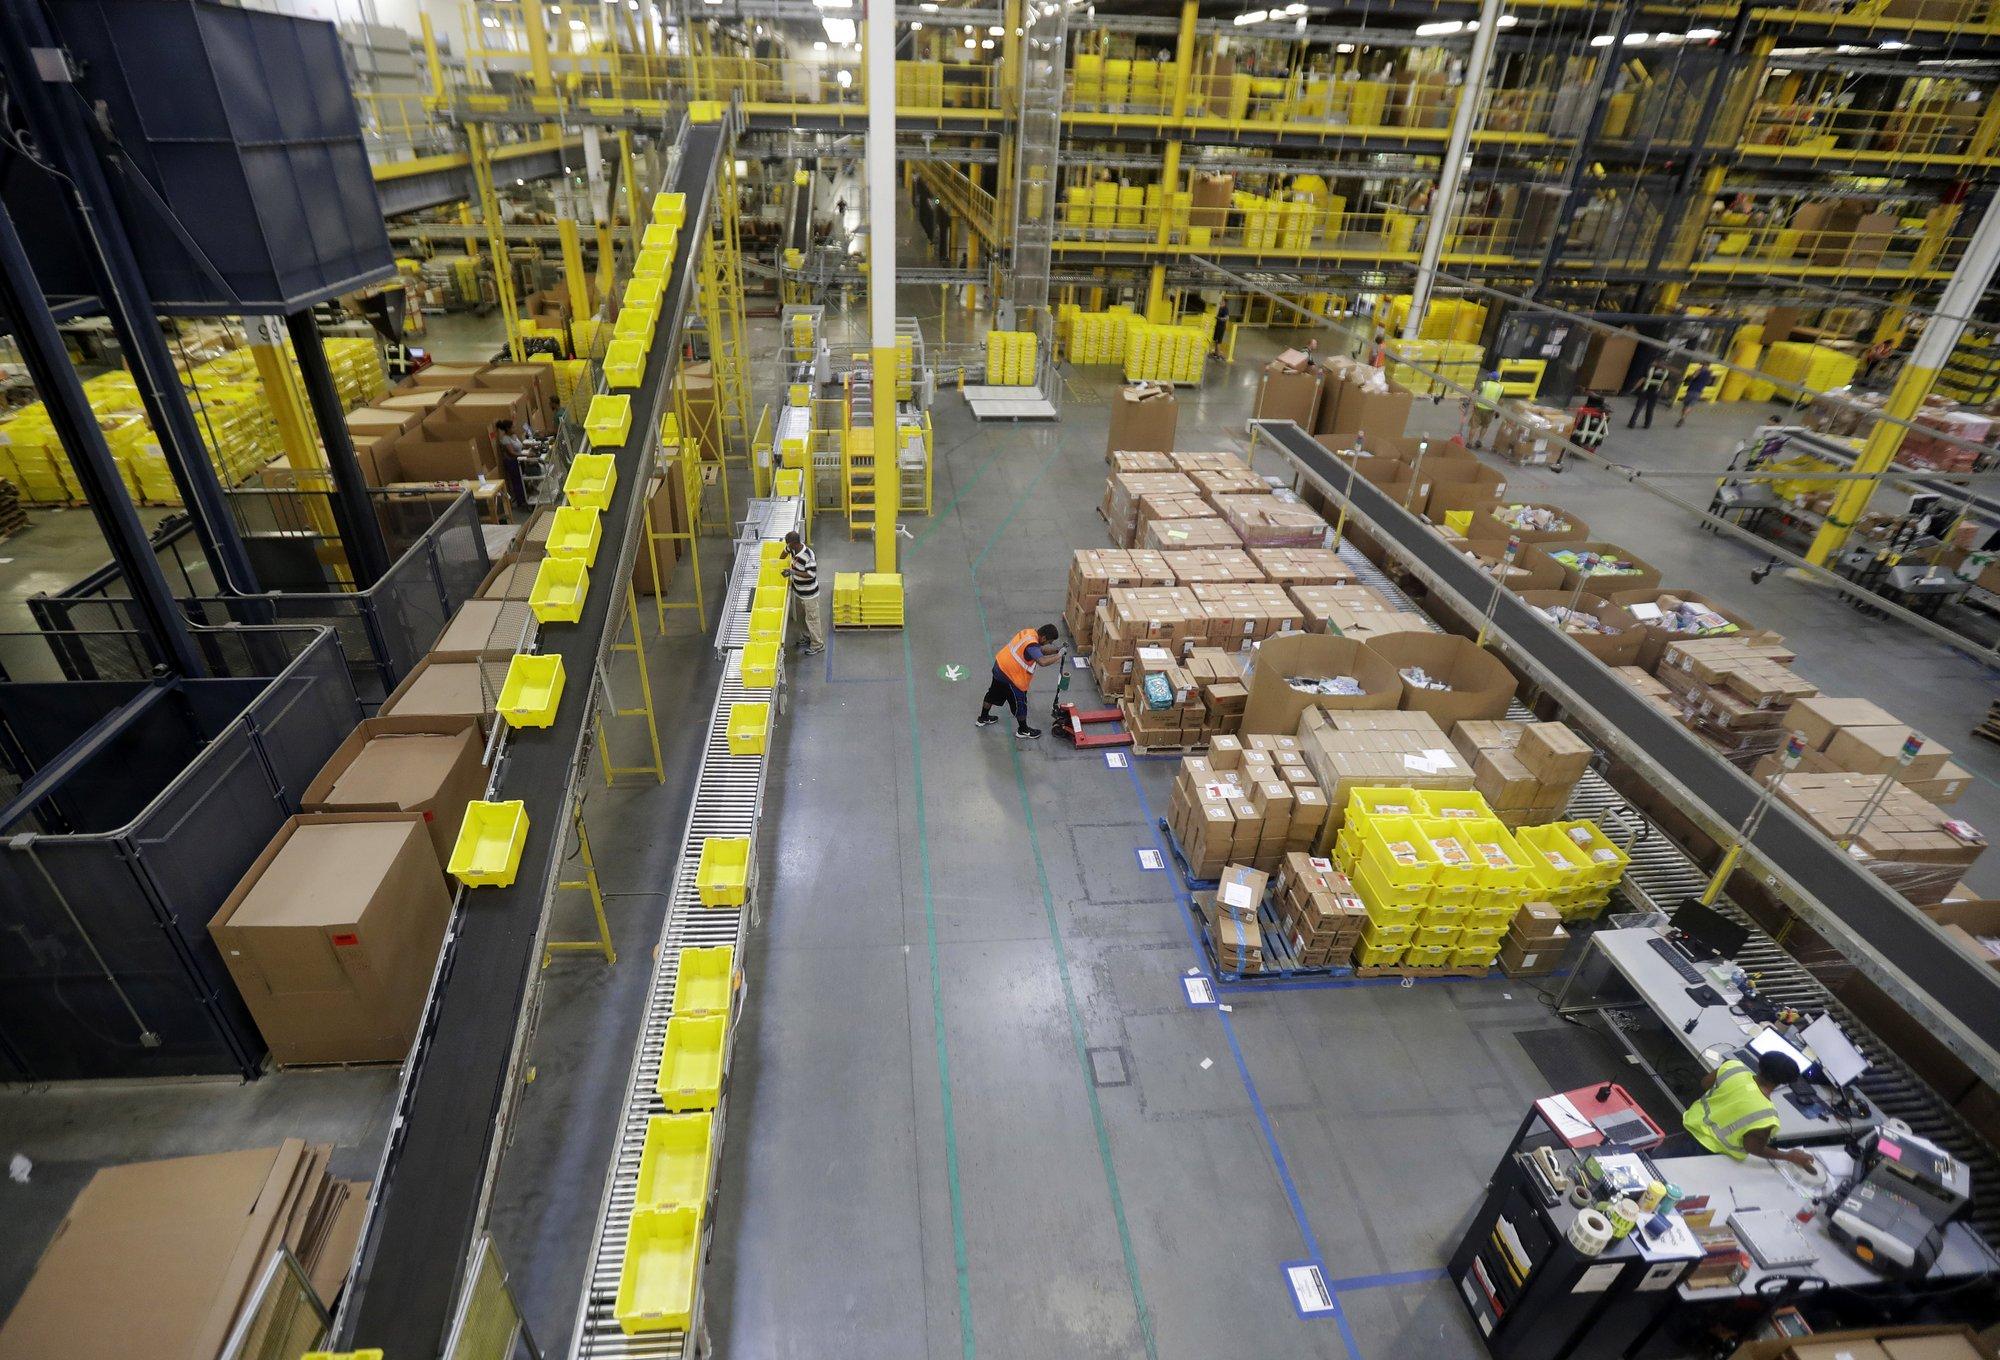 La compañía de Jeff Bezos aseguró que todavía tendrán que pasar muchos años para que los procesos no requieran la intervención de los trabajadores, al menos una década (Foto: AP)